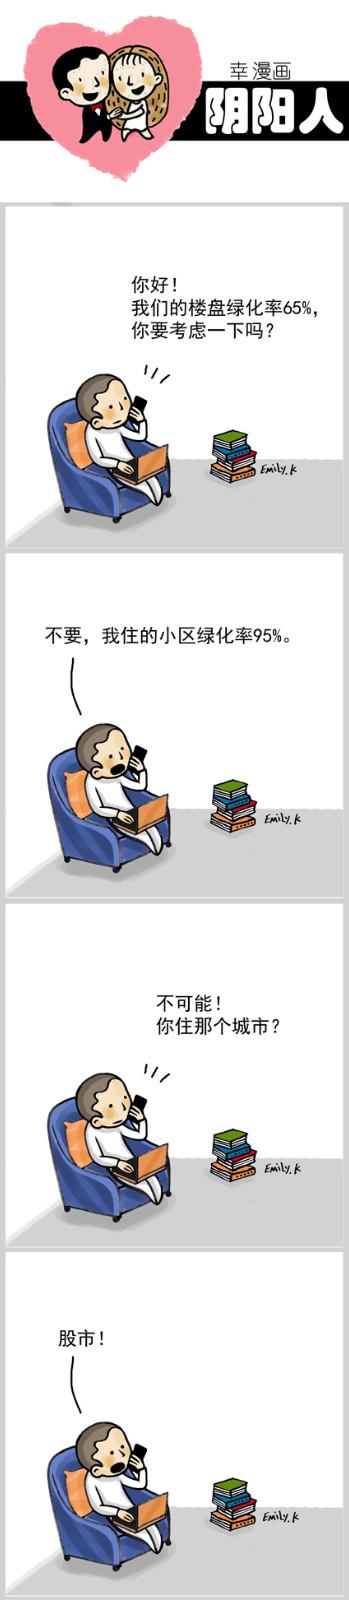 【邝幸漫畫】《阴阳人》绿化_图1-1